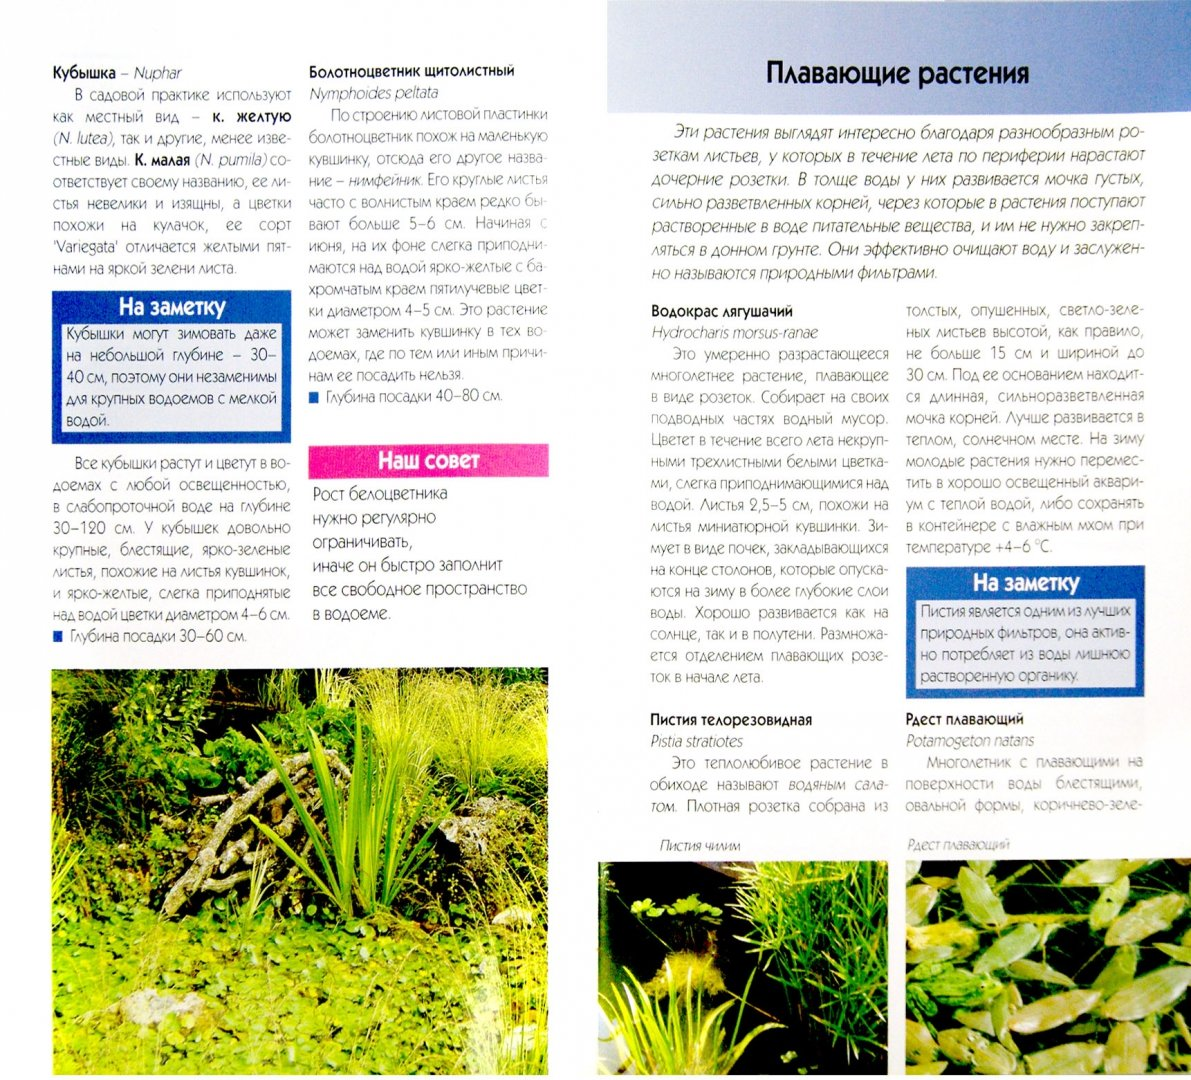 Иллюстрация 1 из 22 для Выбираем растения для декоративного водоема - Валерия Ильина   Лабиринт - книги. Источник: Лабиринт